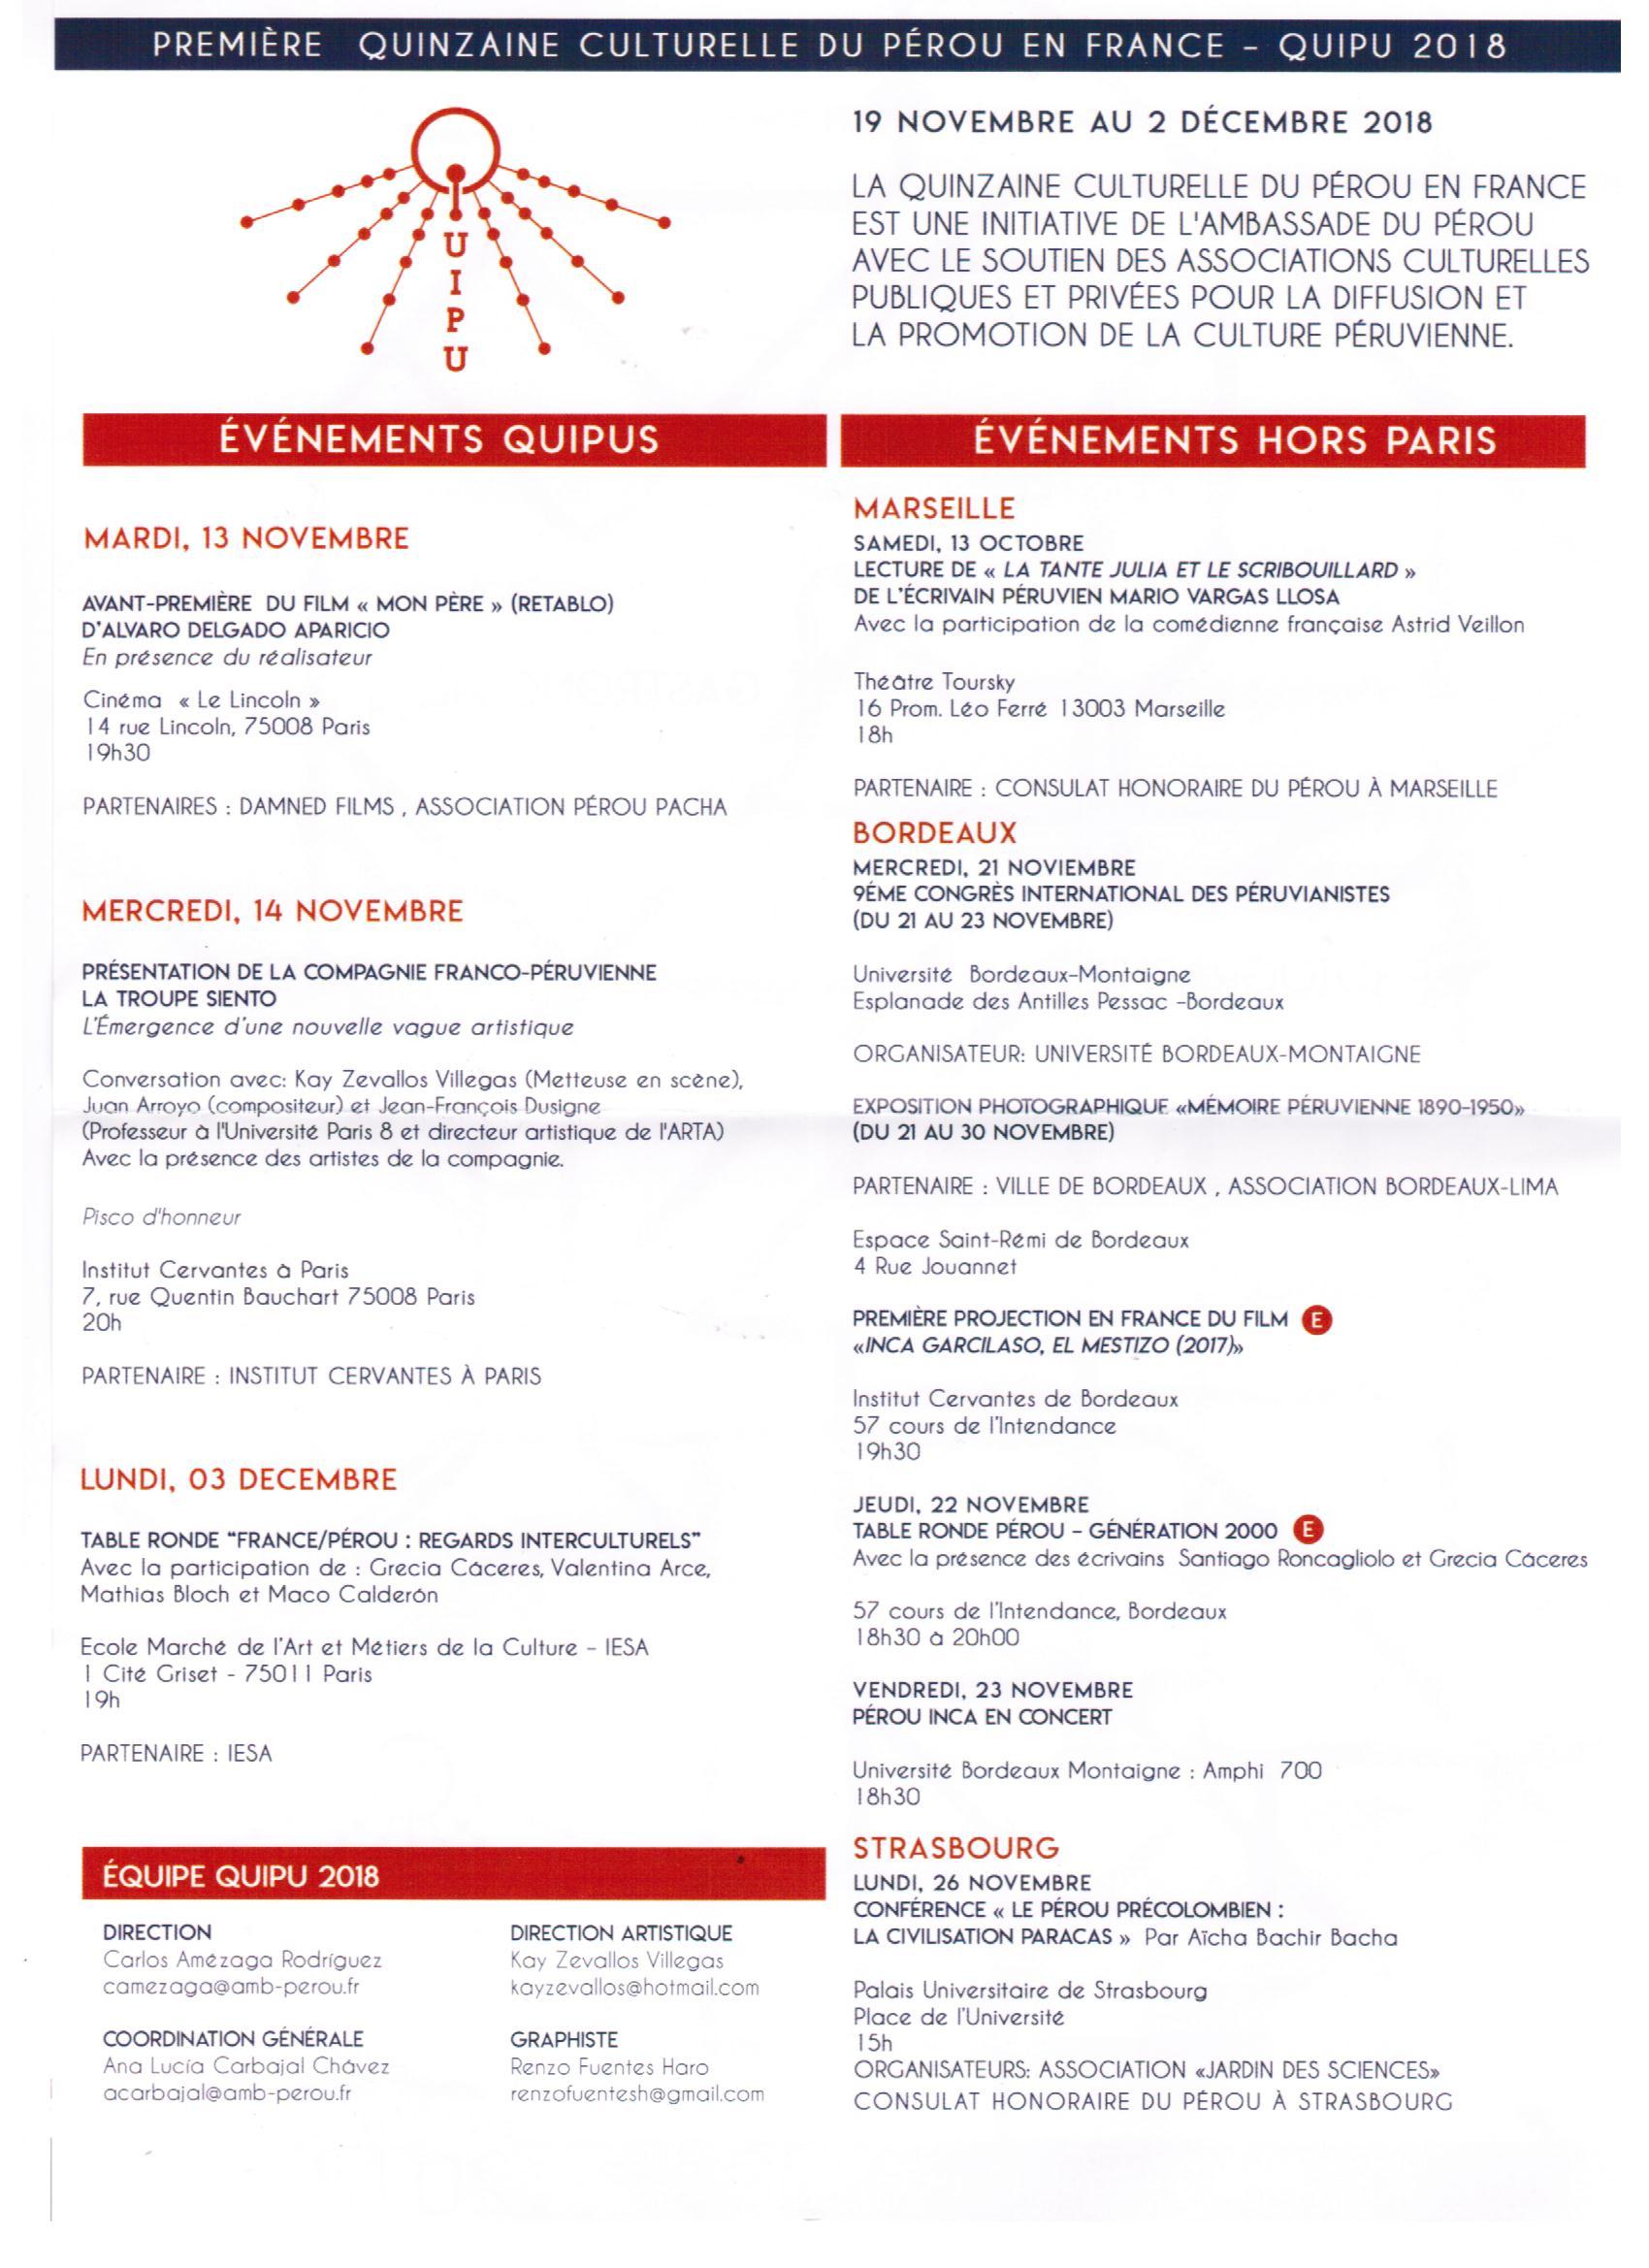 Profitez Galement De La Premire Quinzaine Culturelle Du Prou En France QUIPU 2018 19 Au 02 Dcembre Dont Vous Trouverez Le Programme Ci Dessous